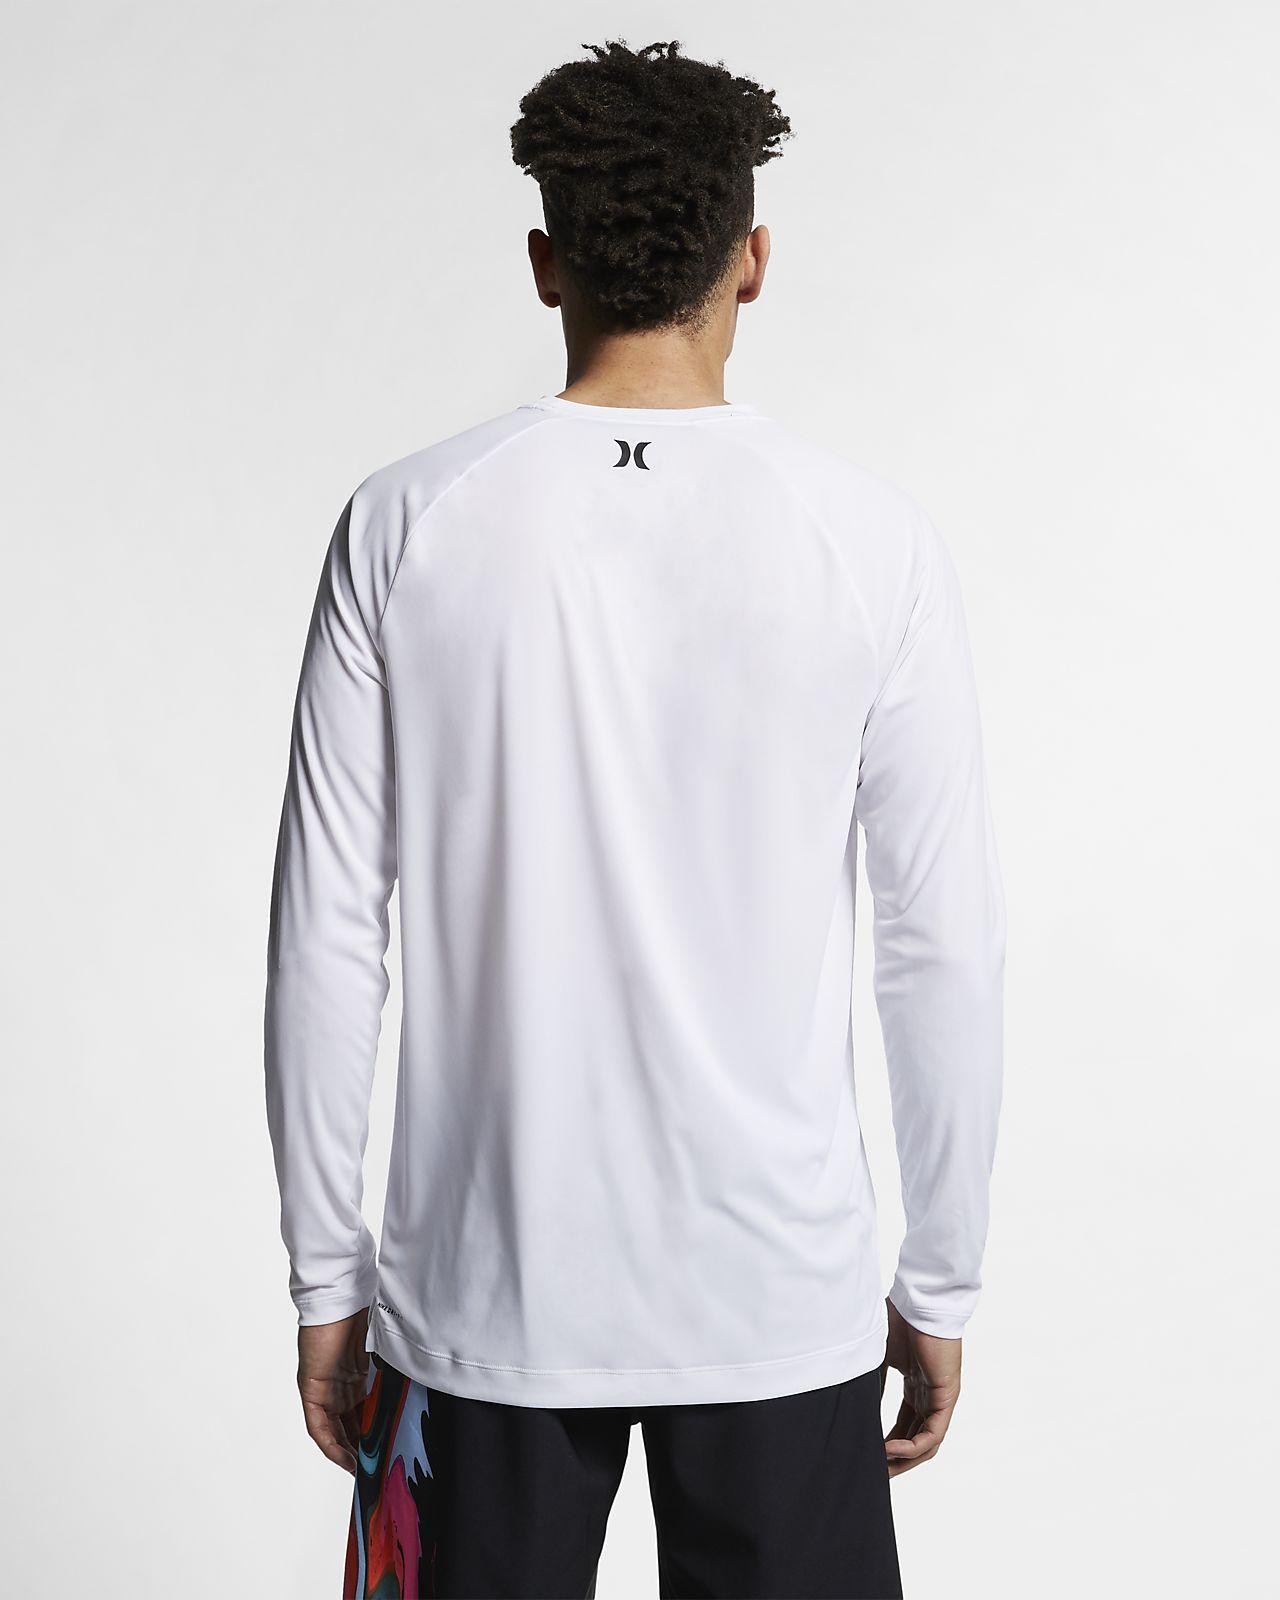 Hurley Quick Dry Langarm T Shirt für Herren